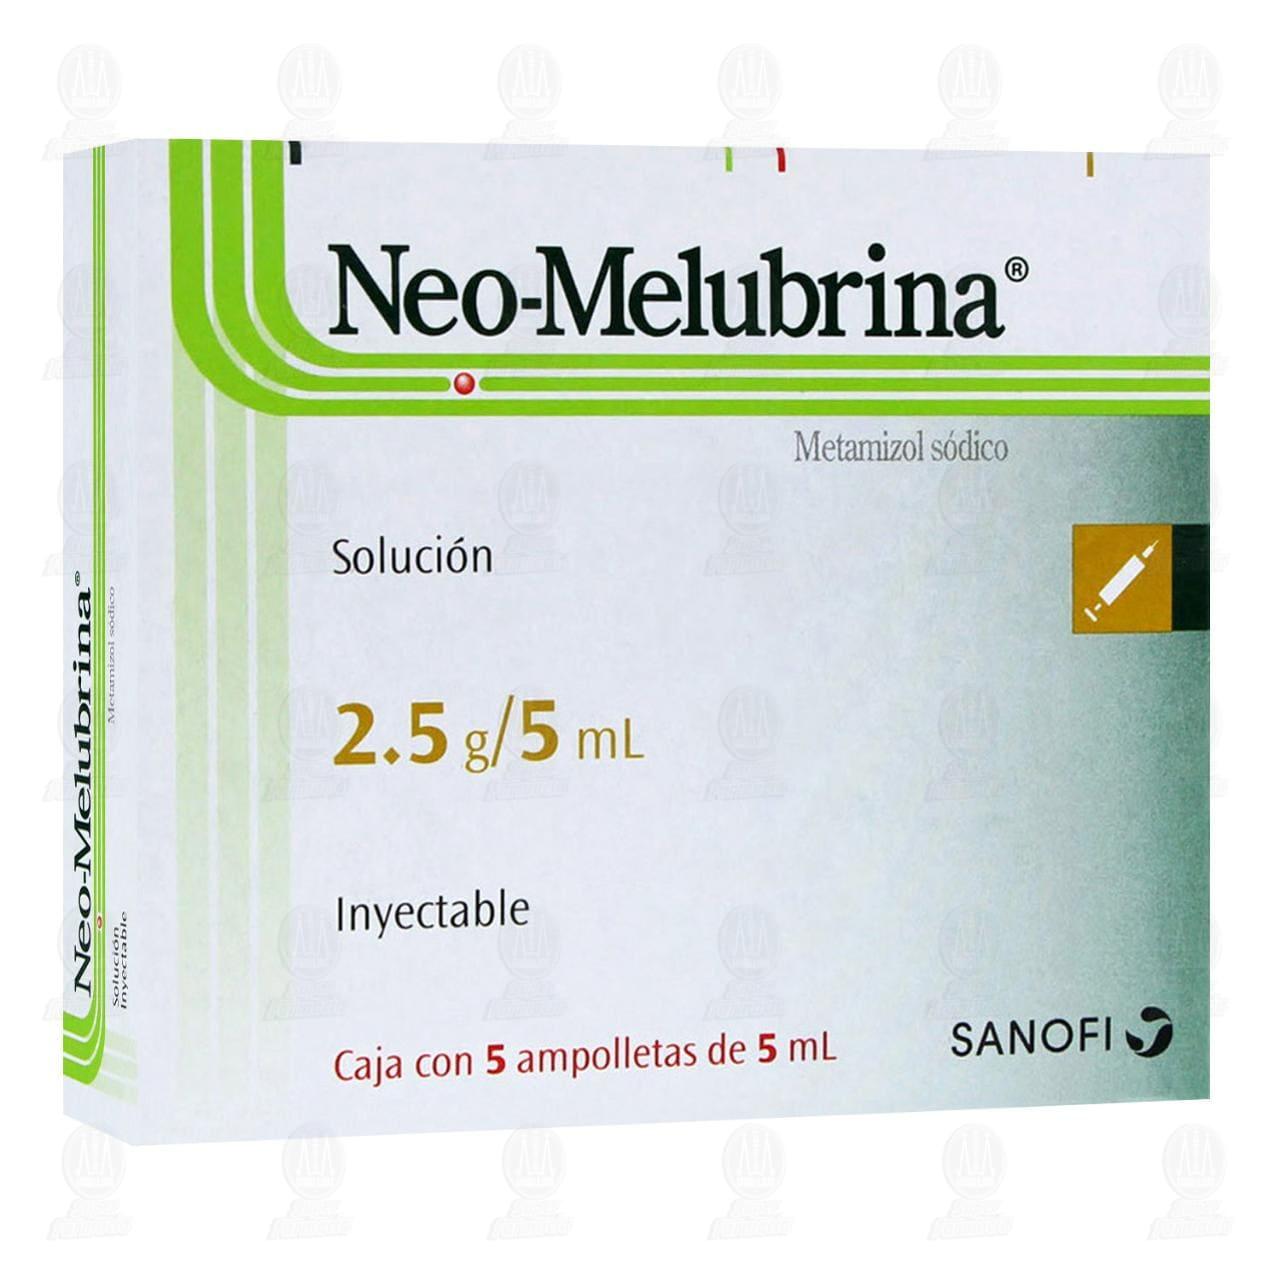 comprar https://www.movil.farmaciasguadalajara.com/wcsstore/FGCAS/wcs/products/18384_A_1280_AL.jpg en farmacias guadalajara